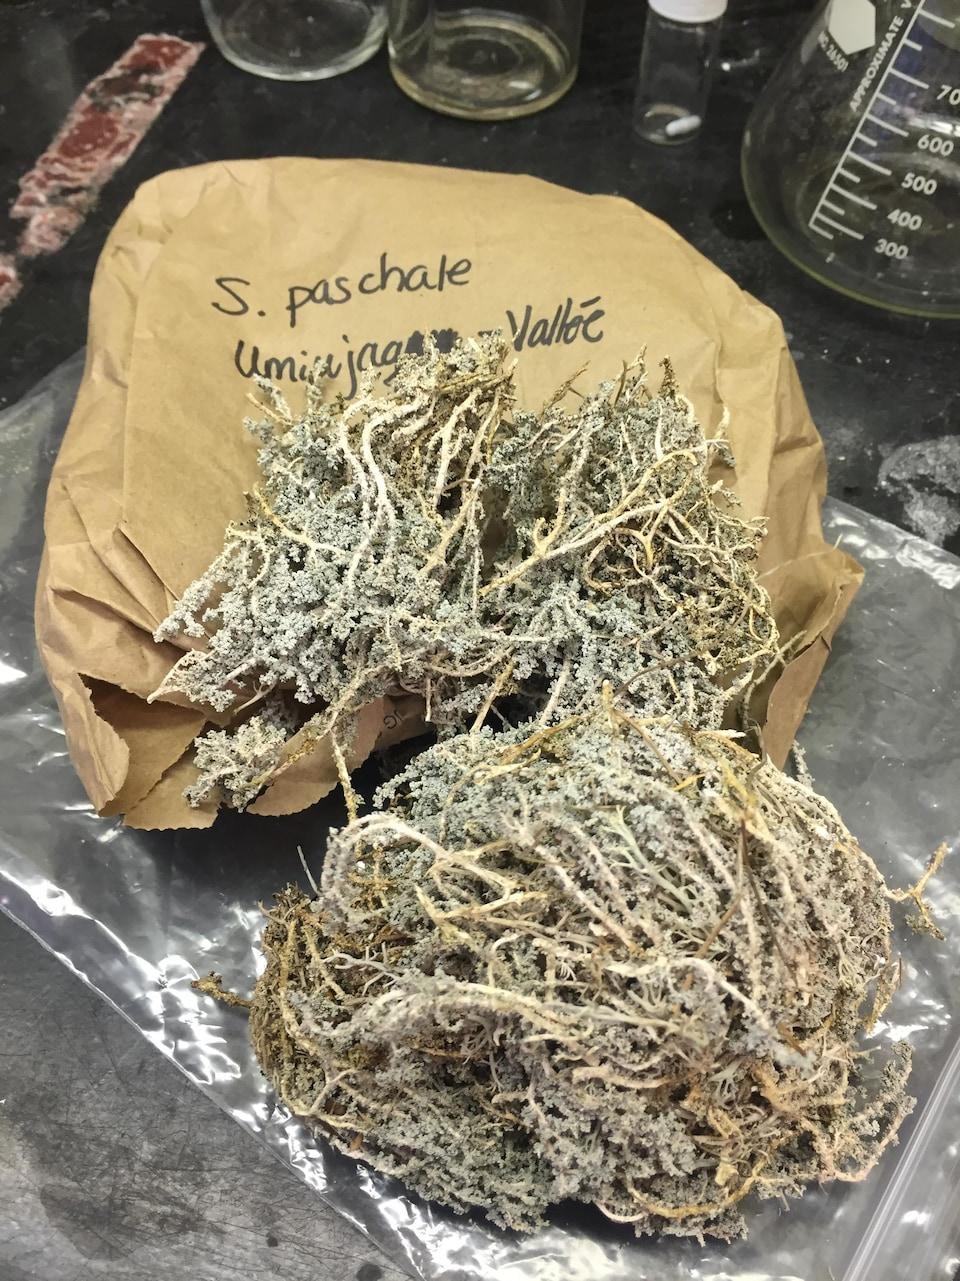 Le lichen Stereocaulon paschale contient des composés antibactériens prometteurs